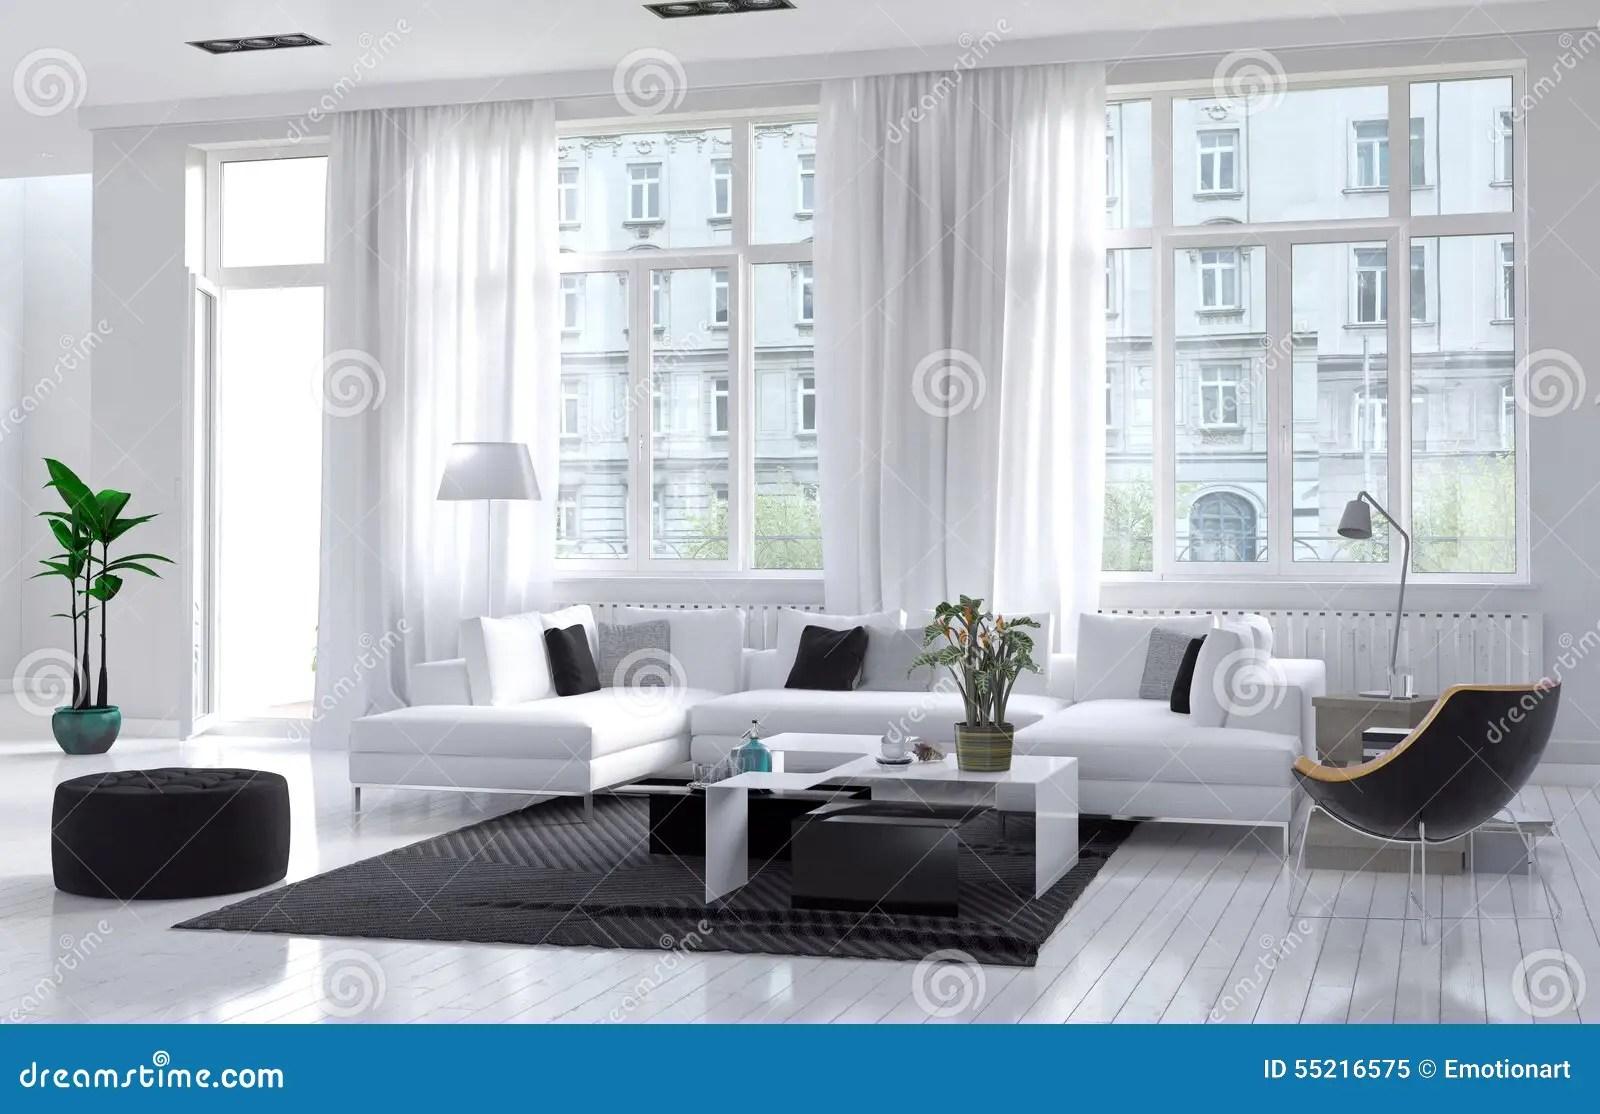 Moderne Woonkamer Met Wit En Zwart Decor Stock Illustratie